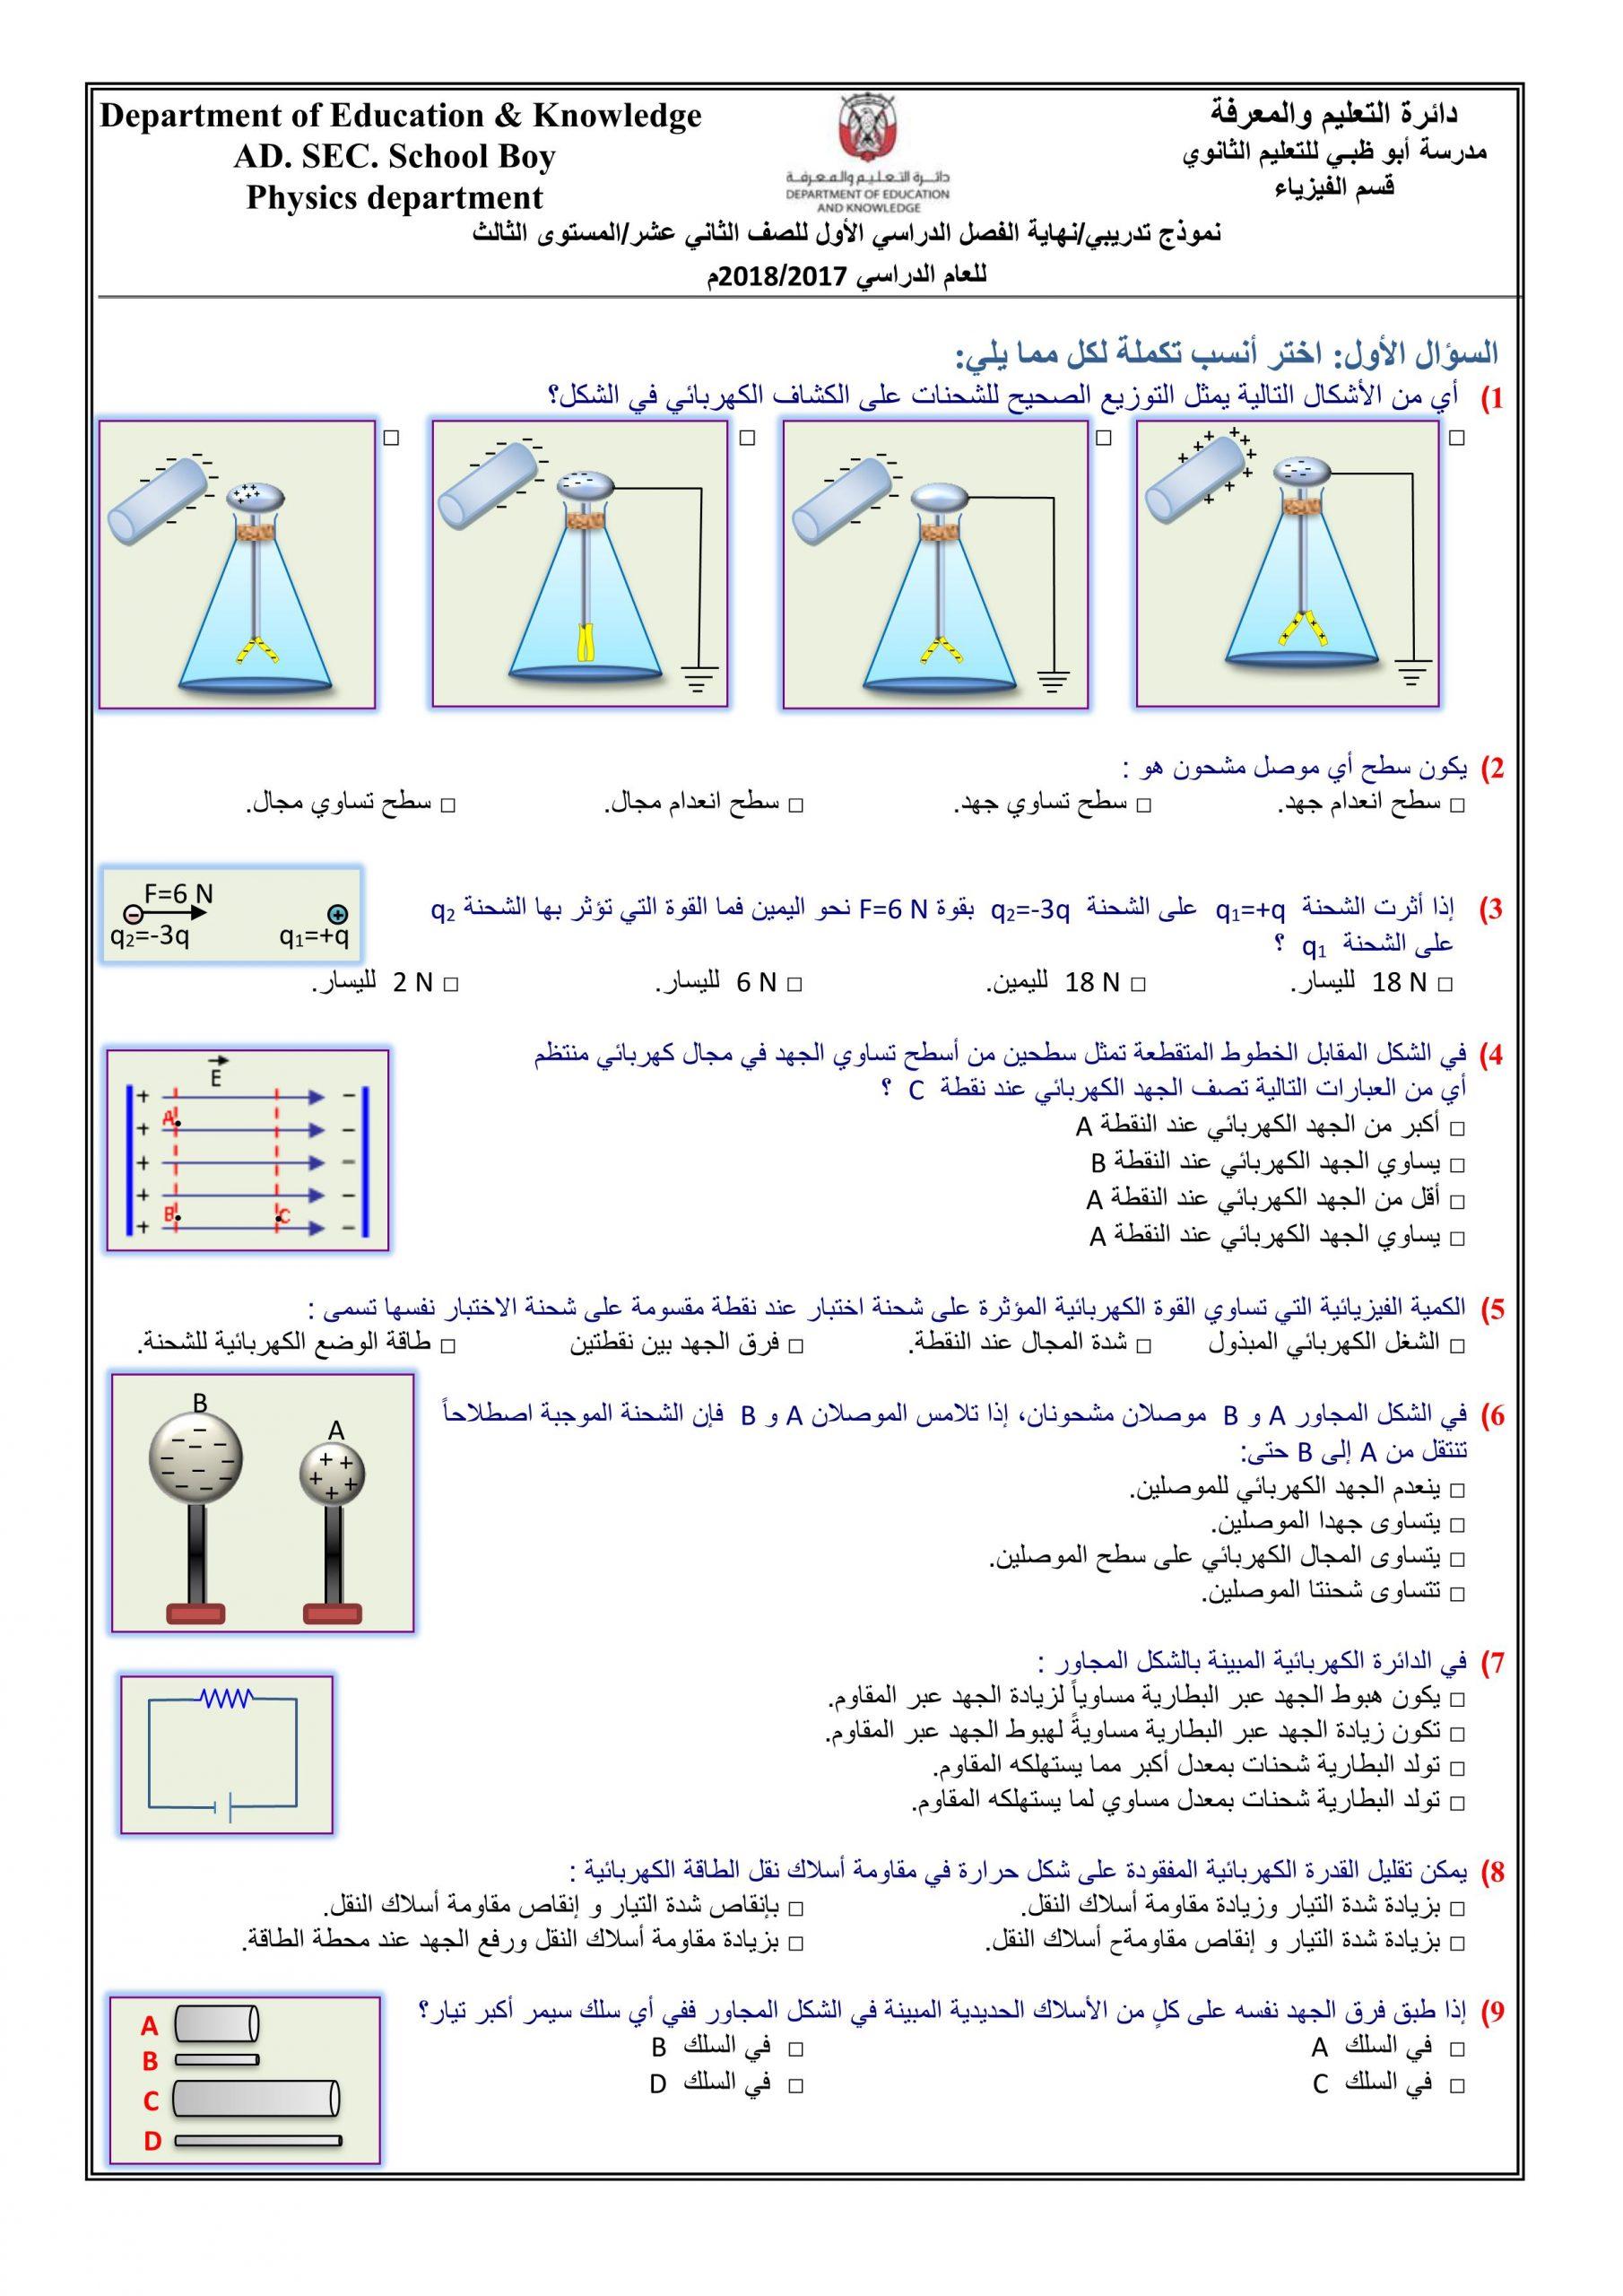 اوراق عمل نموذج تدريبي للامتحان الصف الثاني عشر مادة الفيزياء